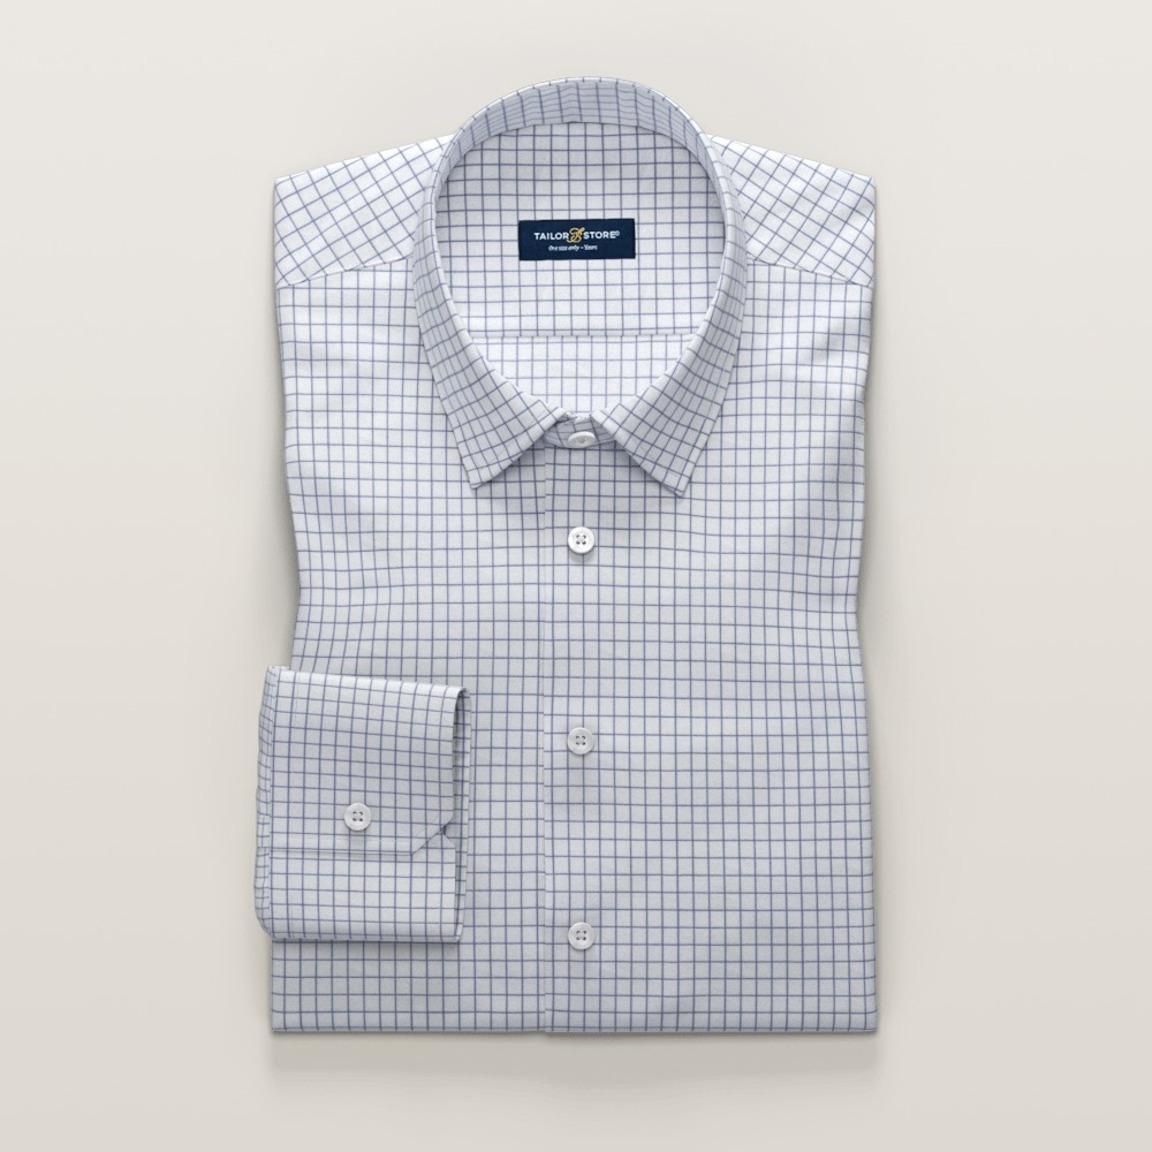 White and dark blue checkered women's shirt